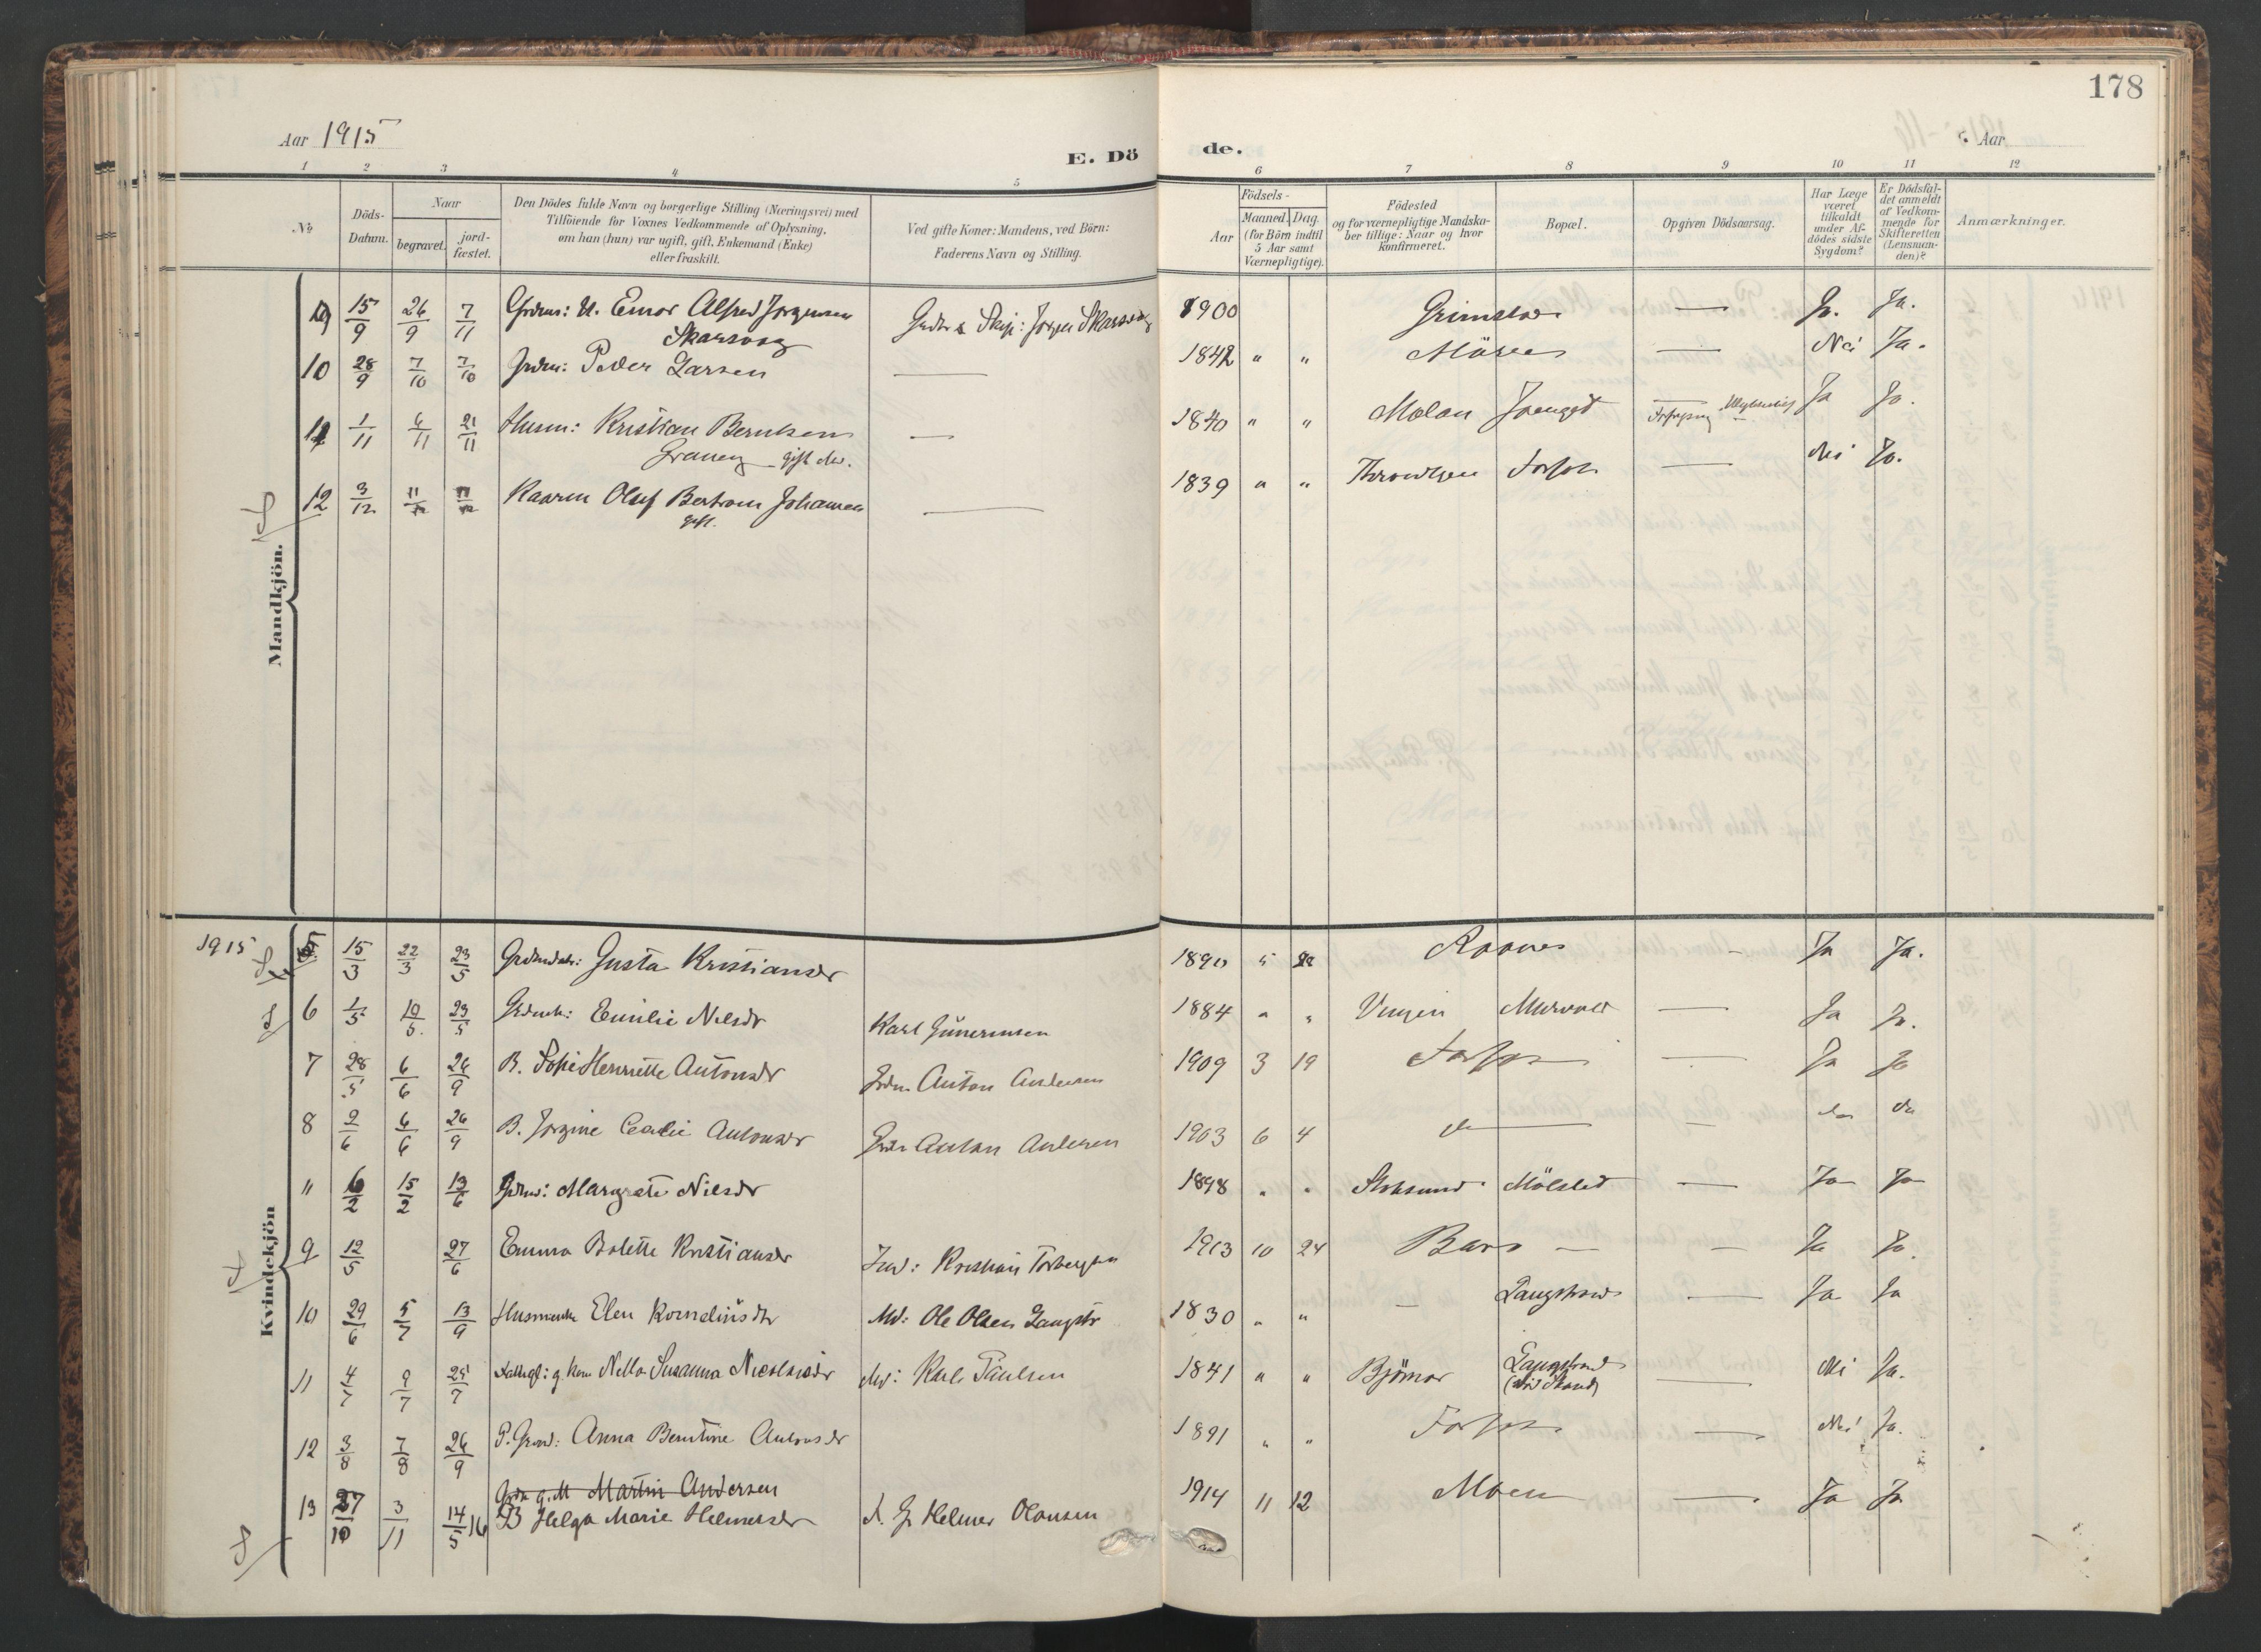 SAT, Ministerialprotokoller, klokkerbøker og fødselsregistre - Sør-Trøndelag, 655/L0682: Ministerialbok nr. 655A11, 1908-1922, s. 178